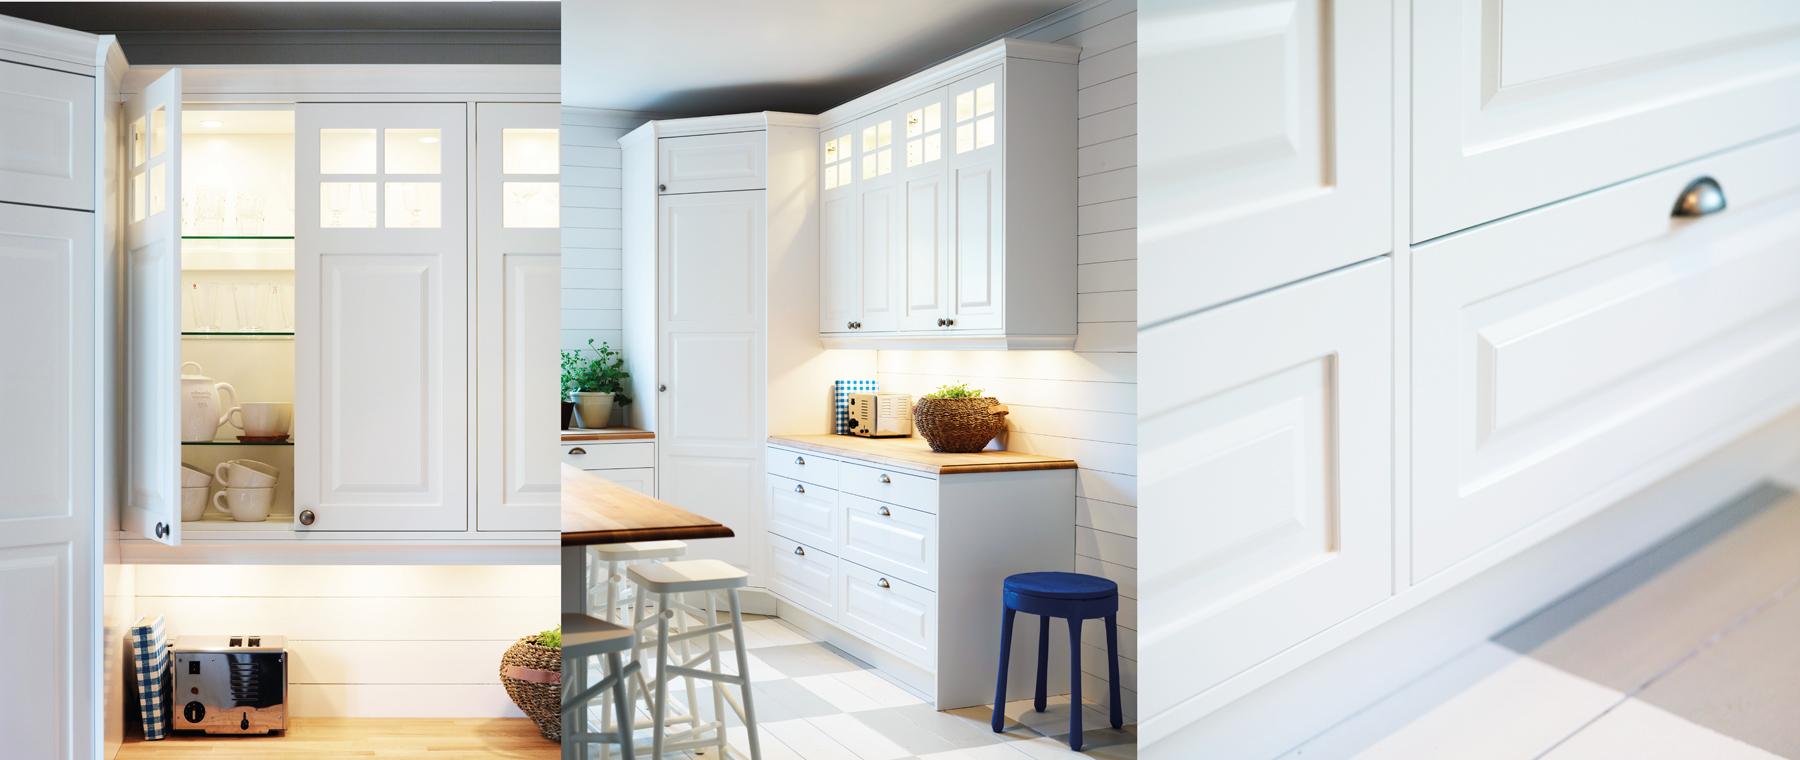 Alice kökslucka målad - Nytt kök badrum och tvättstuga - Vedum ...